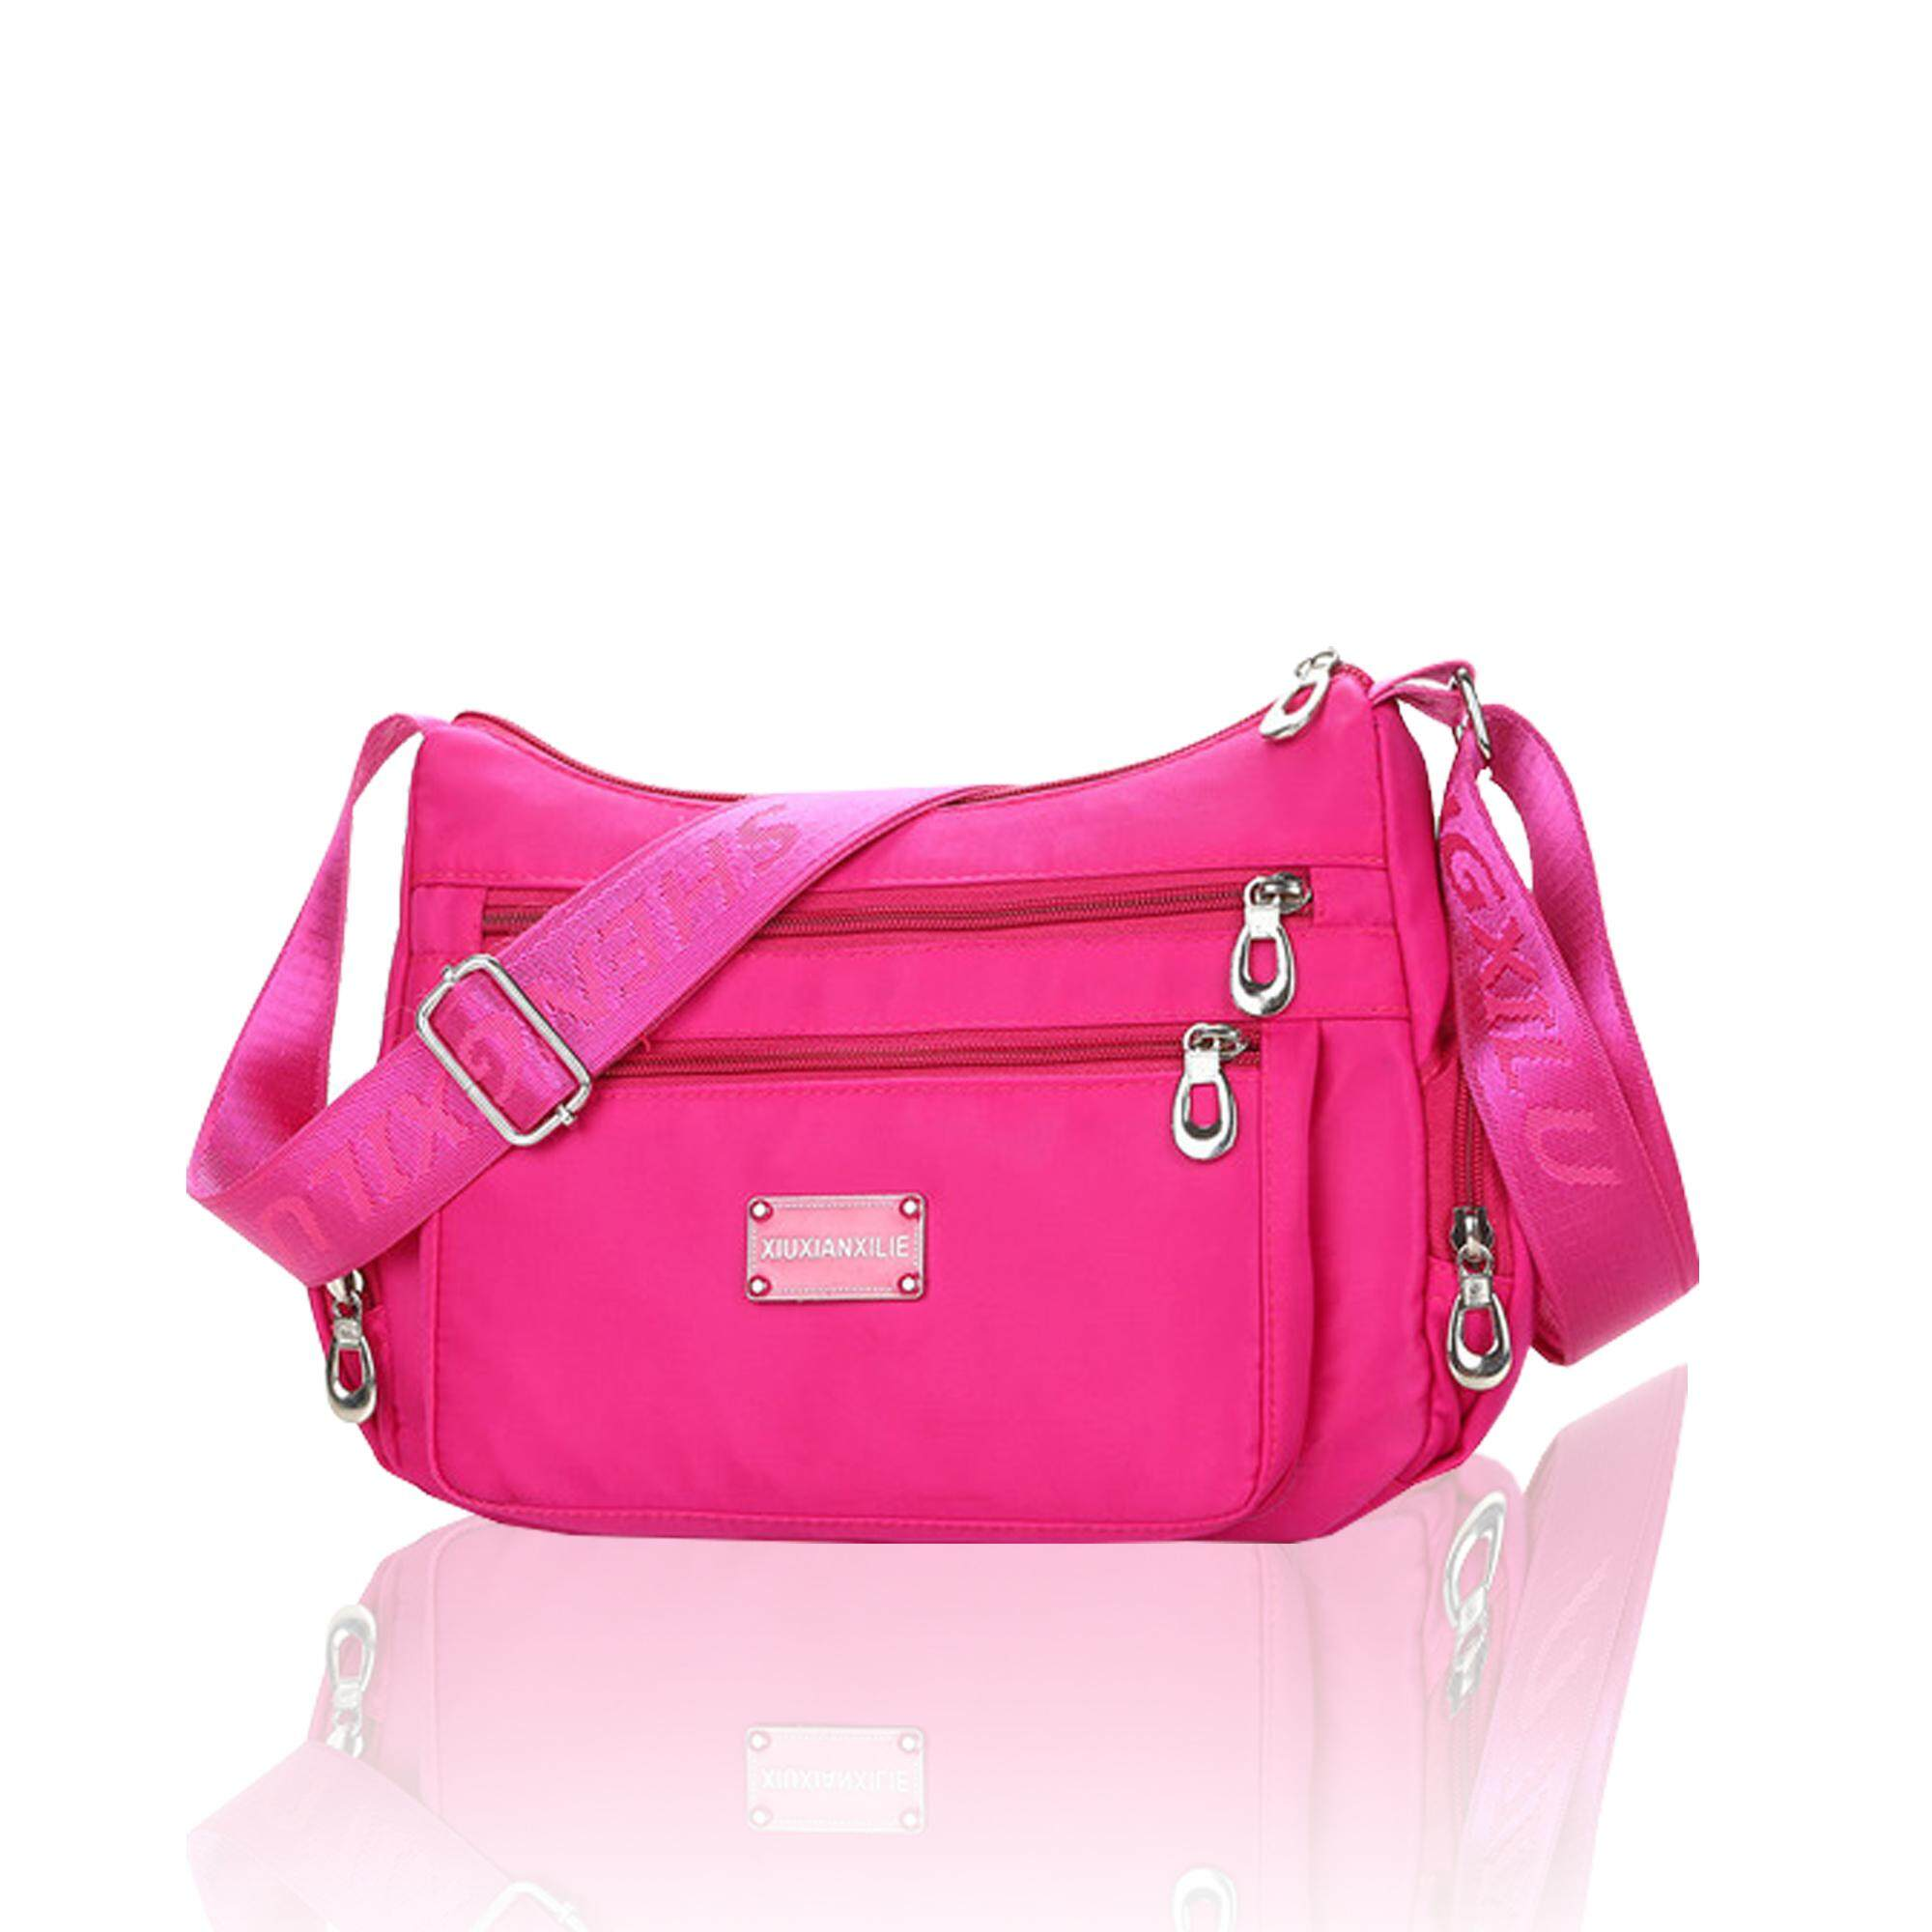 กระเป๋าสะพายพาดลำตัว นักเรียน ผู้หญิง วัยรุ่น นครพนม Buyplus  B 93  กระเป๋าสะพายข้าง XIUXIANXILIE